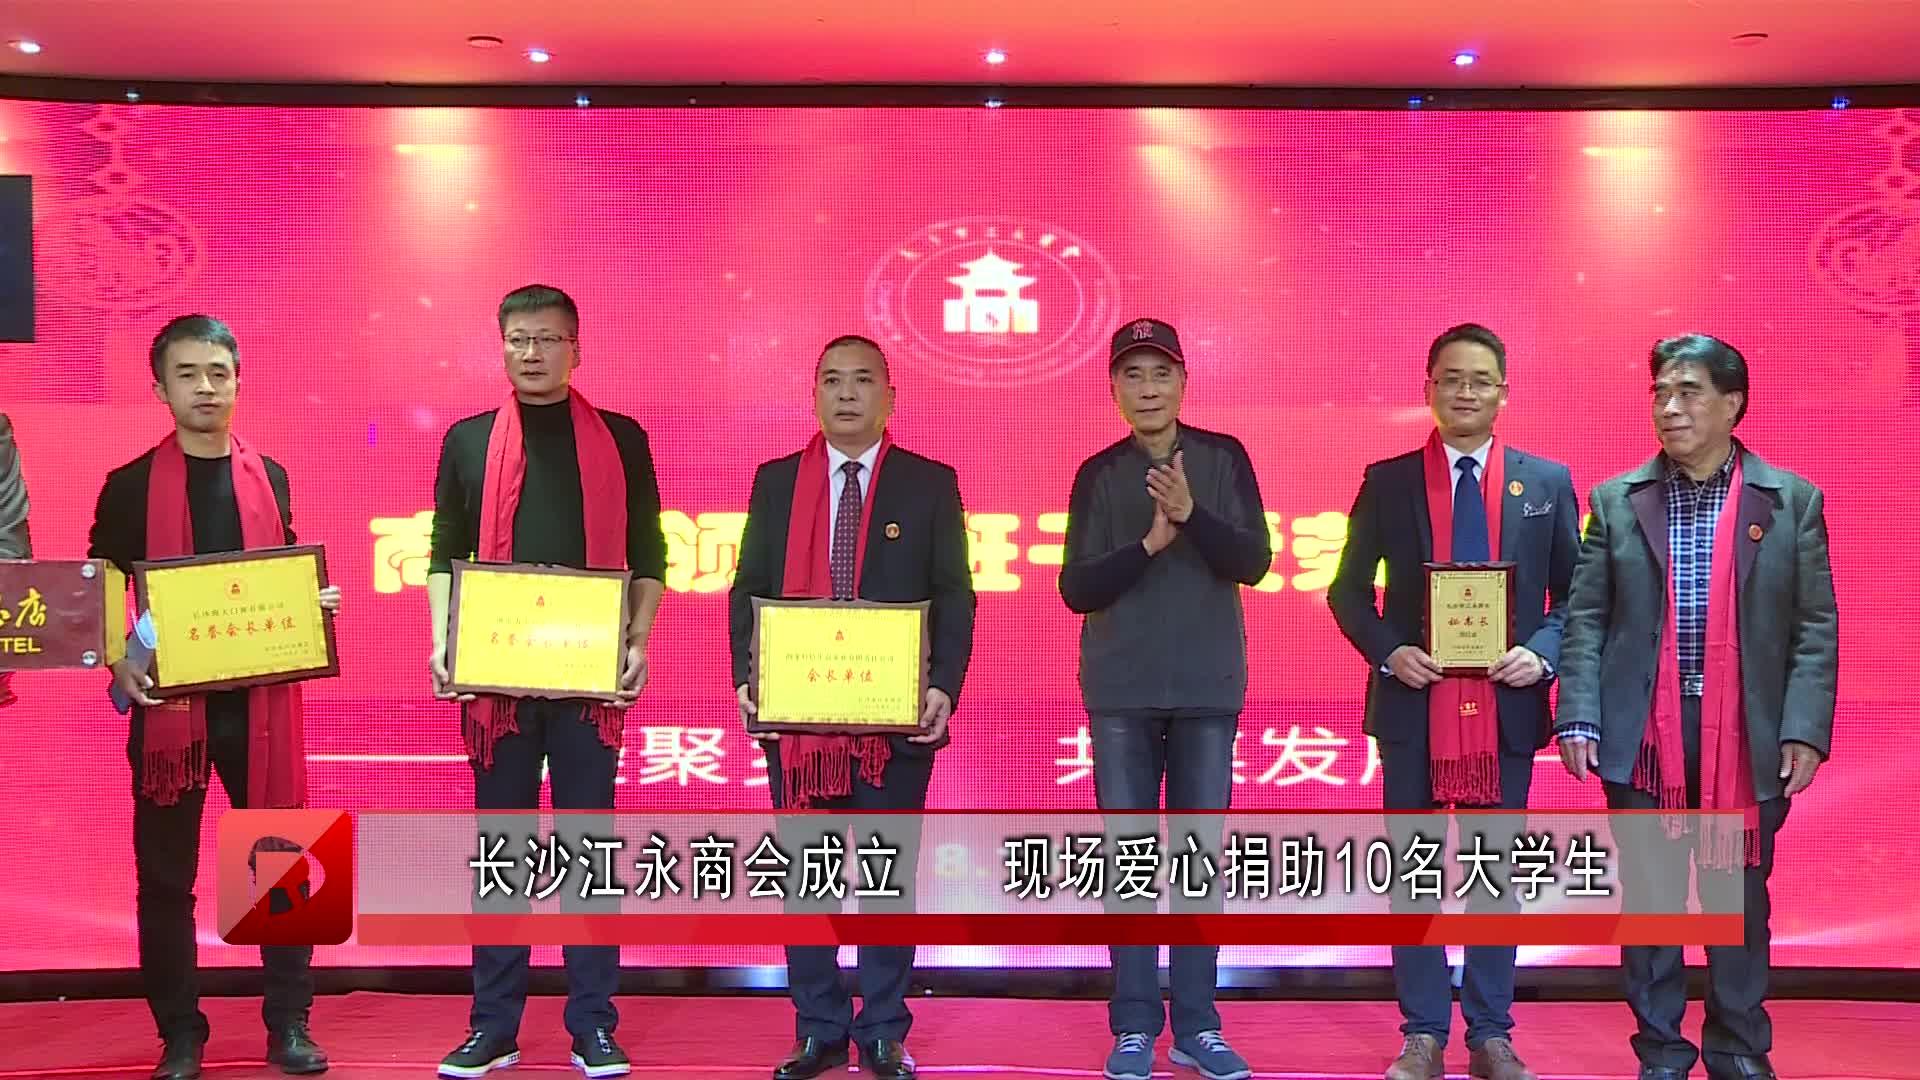 长沙江永商会成立 现场爱心捐助10名大学生